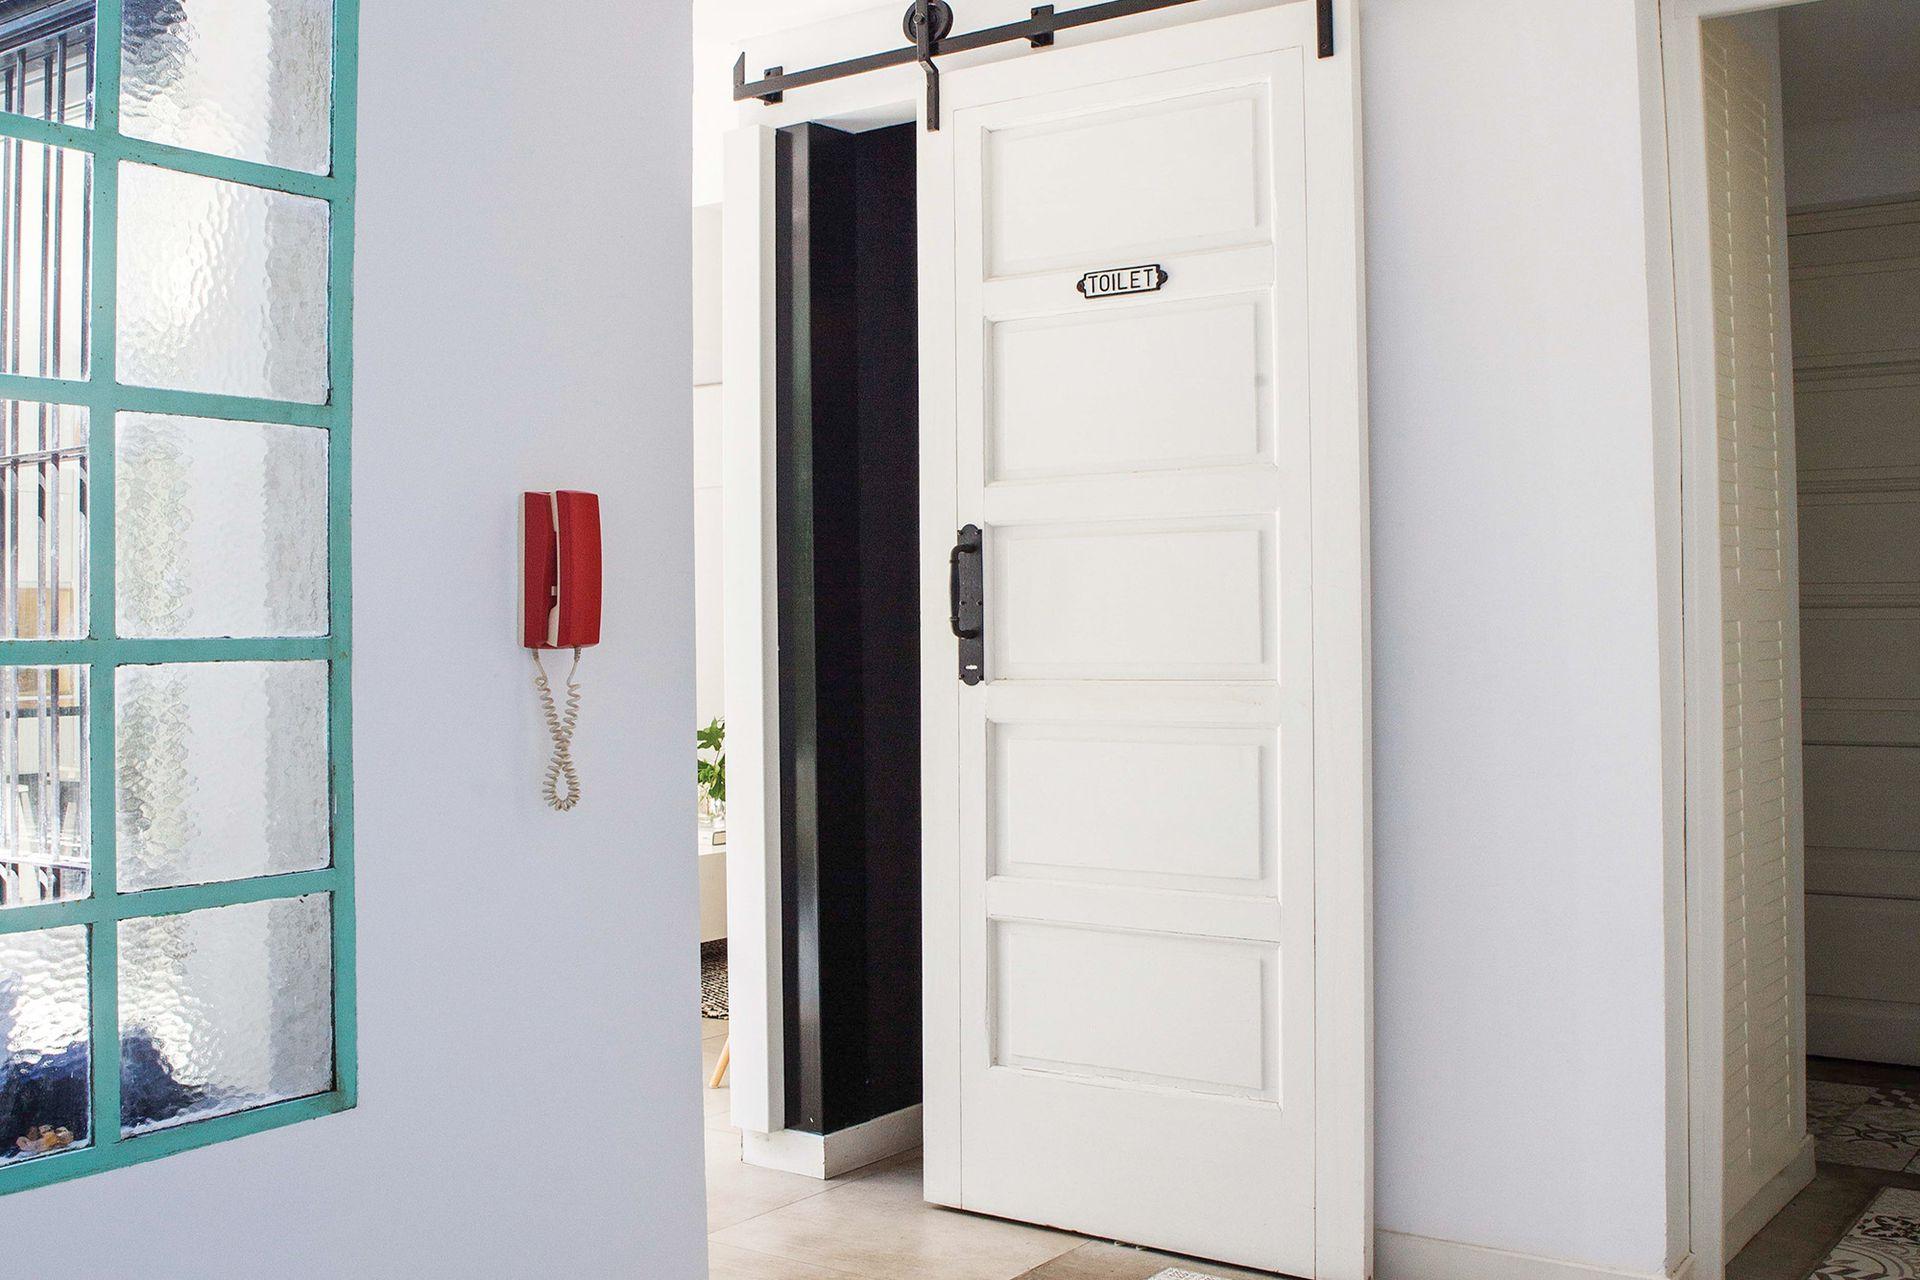 Contigua al hall, una puerta que corre sobre rieles de hierro lleva al toilette.